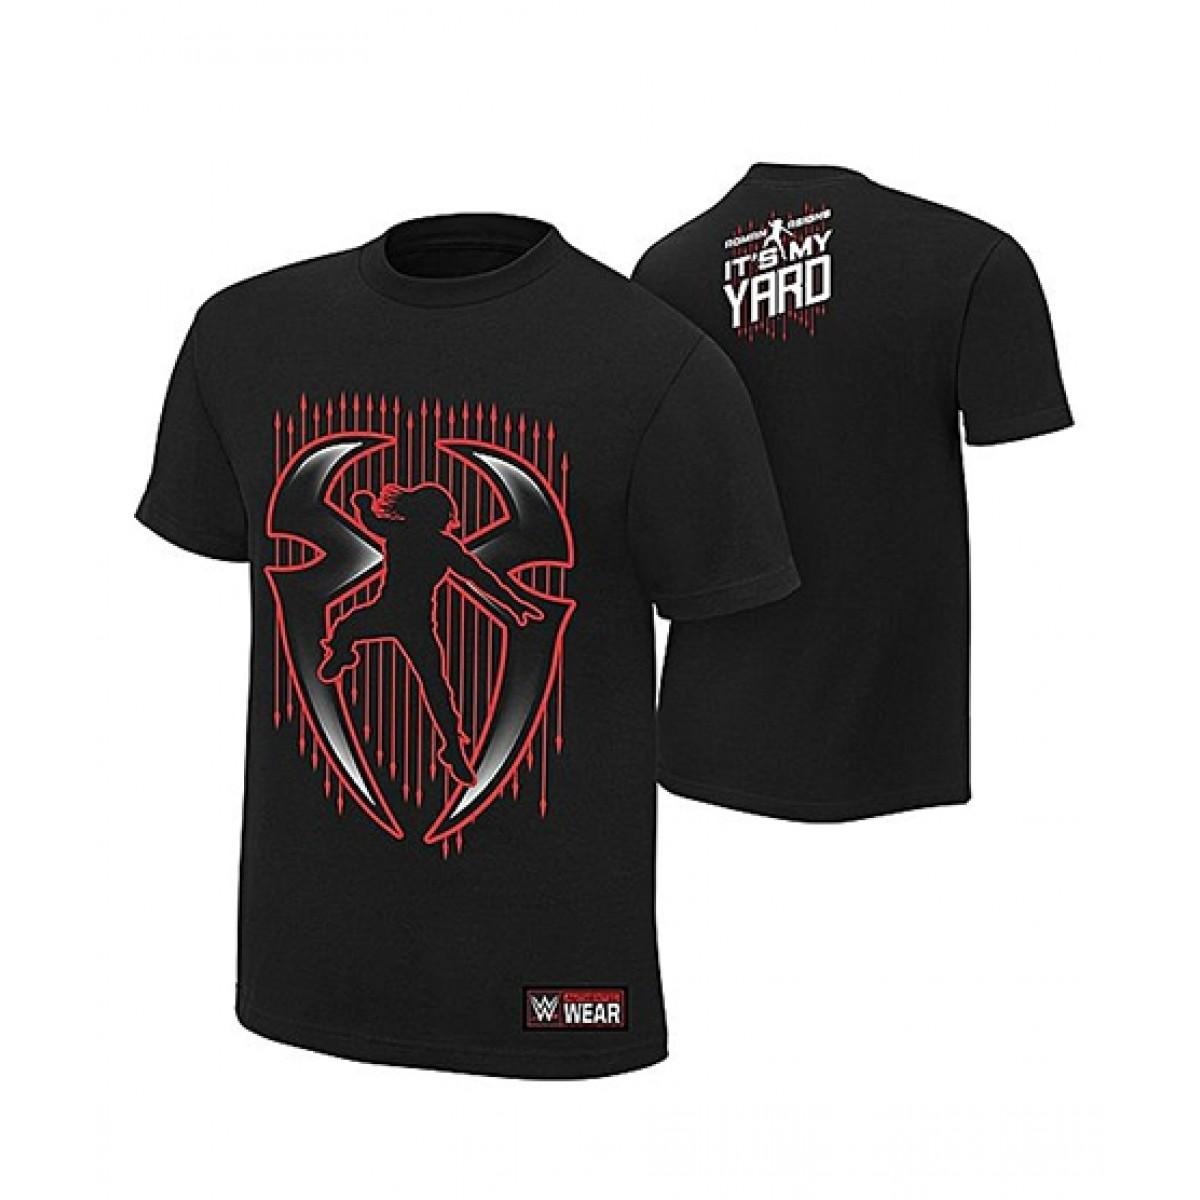 IDOL Fashion Roman Reigns Printed T-Shirt For Men Black